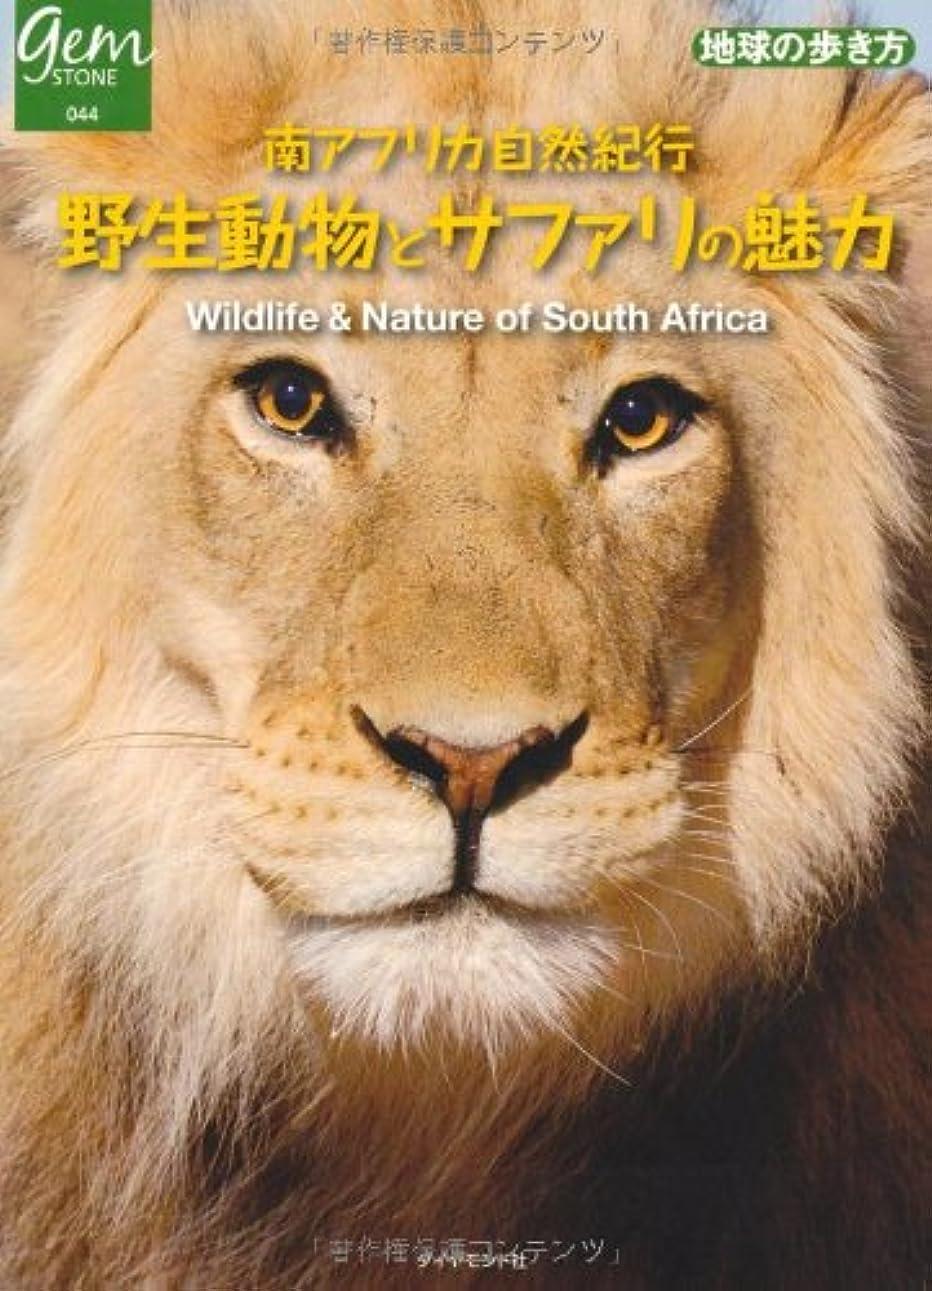 情熱解明する加入南アフリカ自然紀行 野生動物とサファリの魅力 (地球の歩き方GEM STONE)